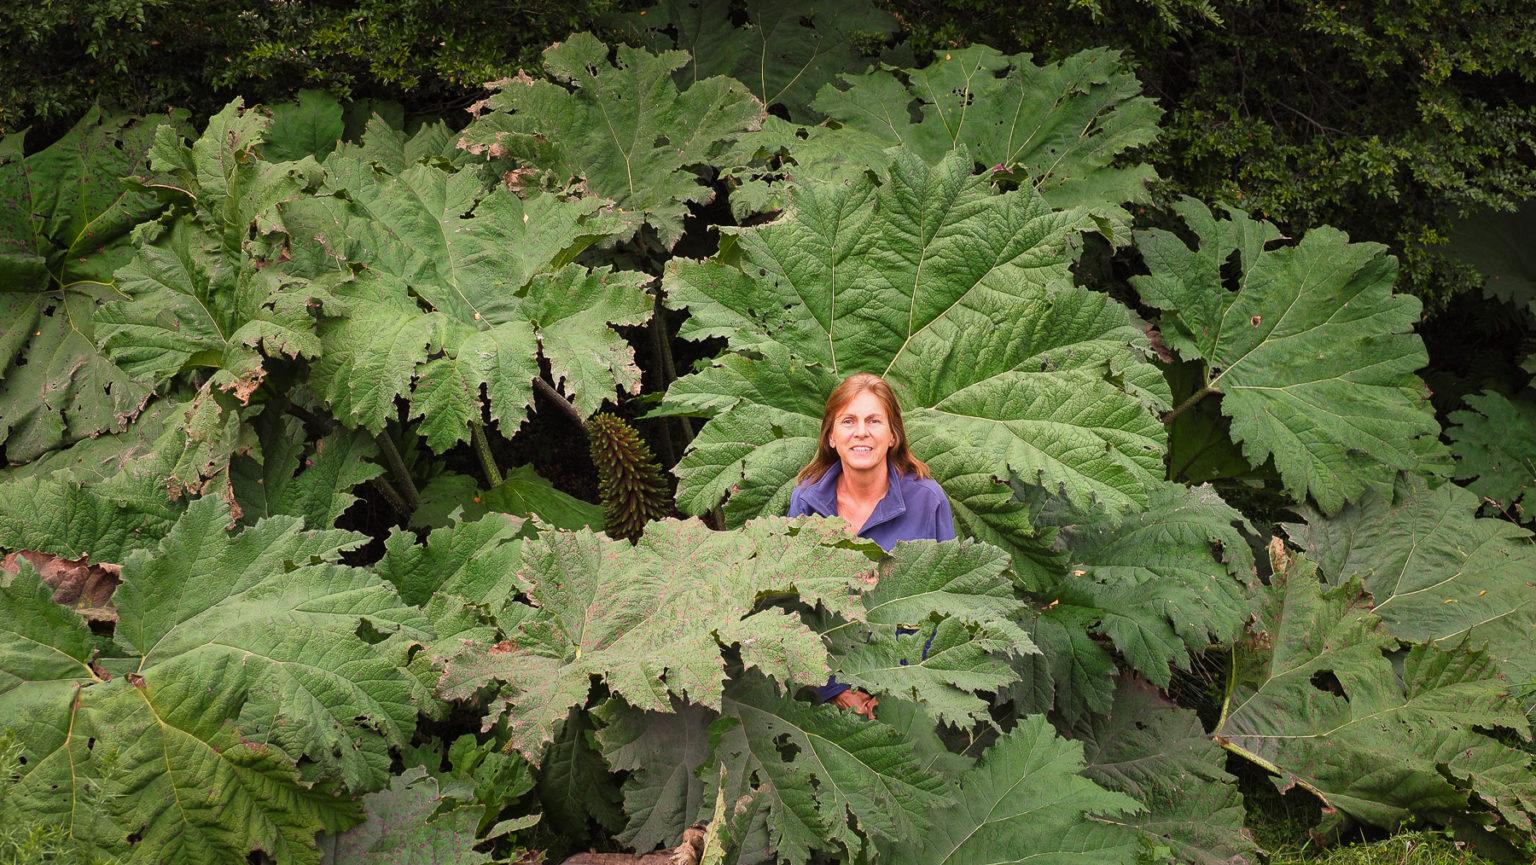 Immer wieder faszinierend, diese riesigen Rhabarberblätter